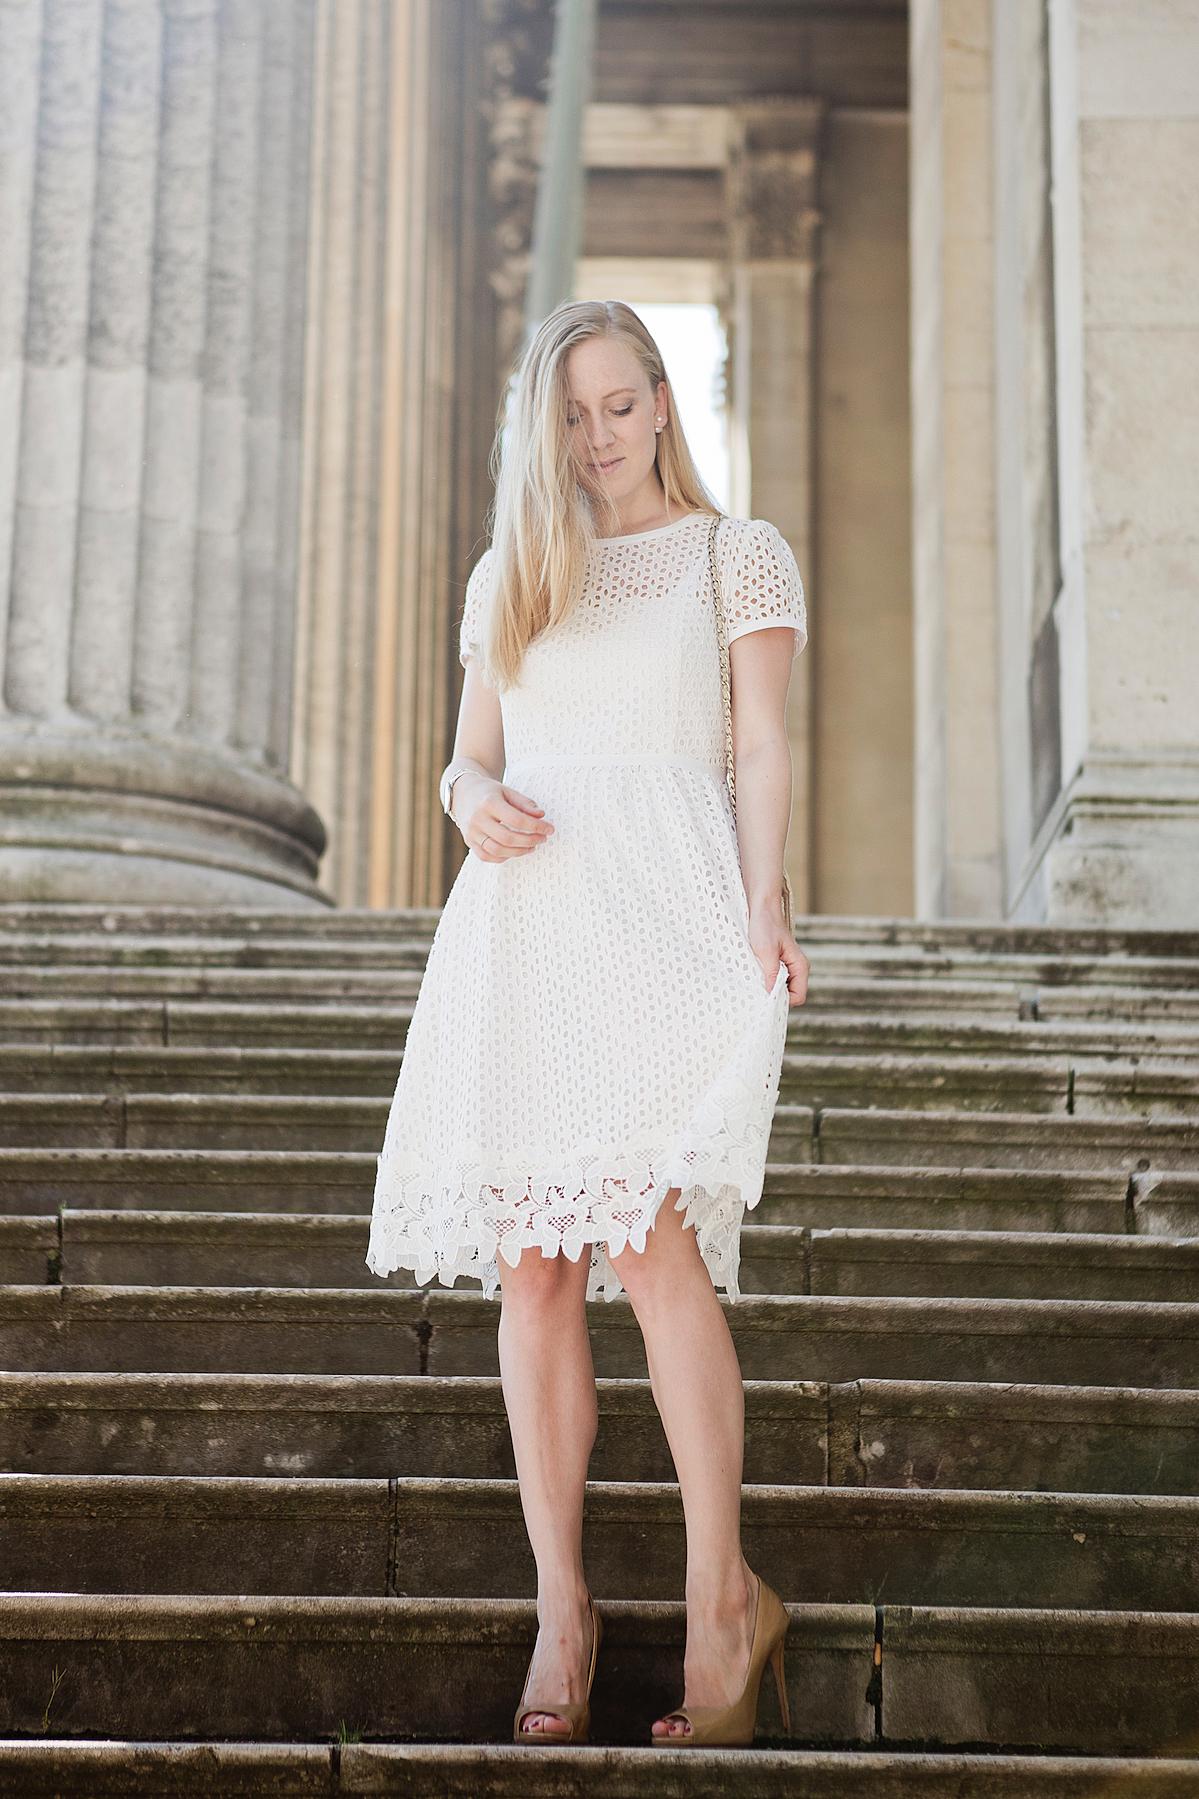 weißes Spitzenkleid hallhuber giuseppe zanotti high heels19 - The